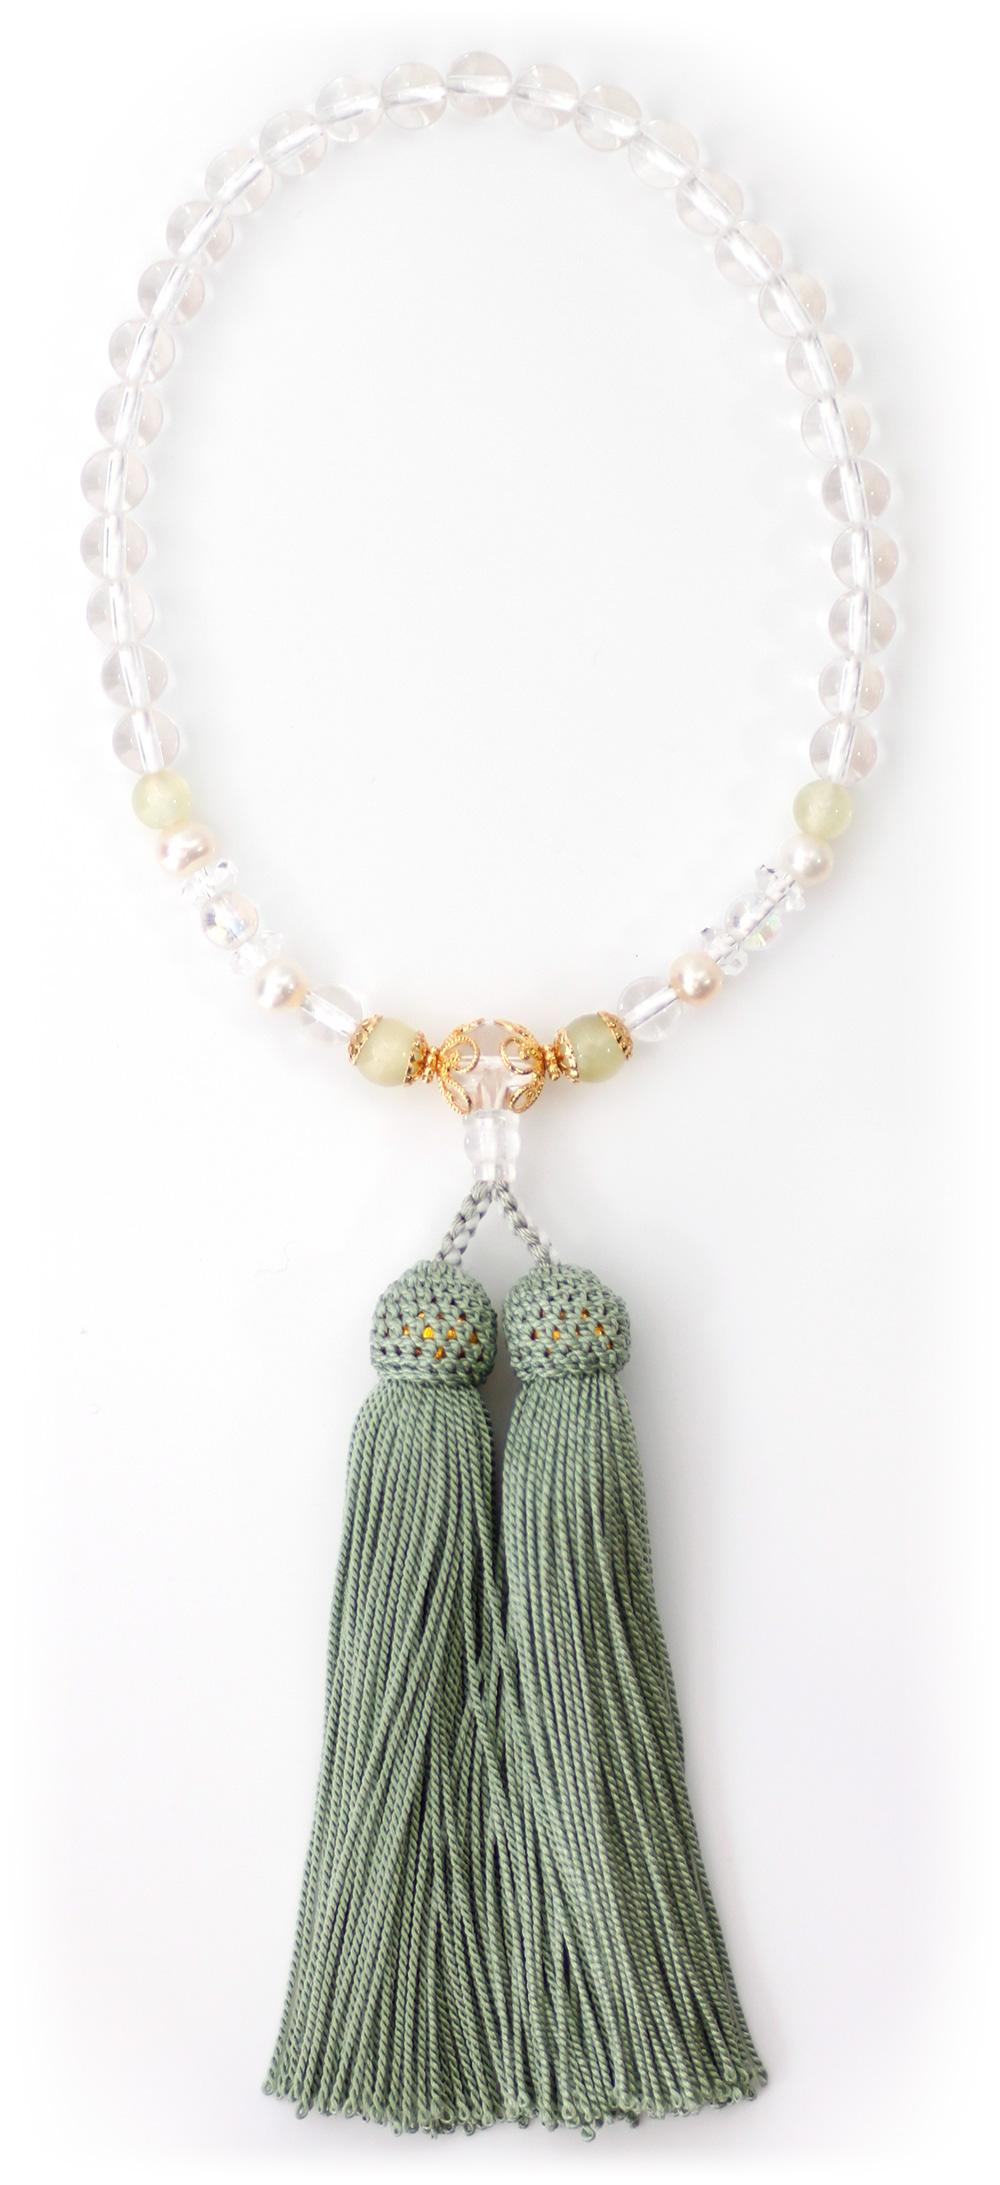 パワーストーン数珠霧緑オニキス水晶